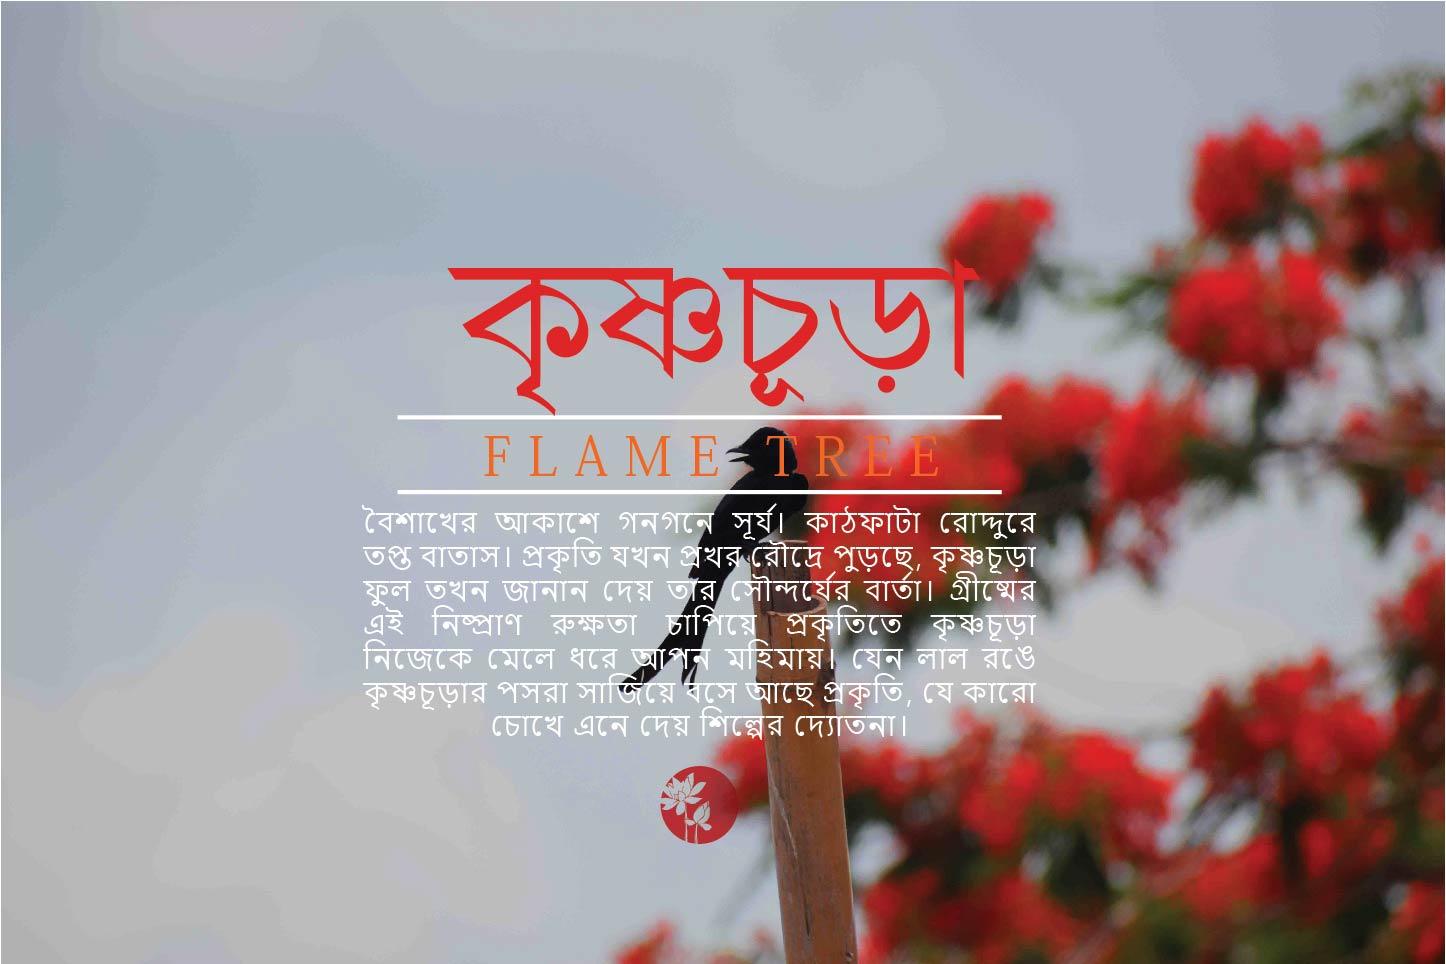 কৃষ্ণচূড়া | Flame Tree